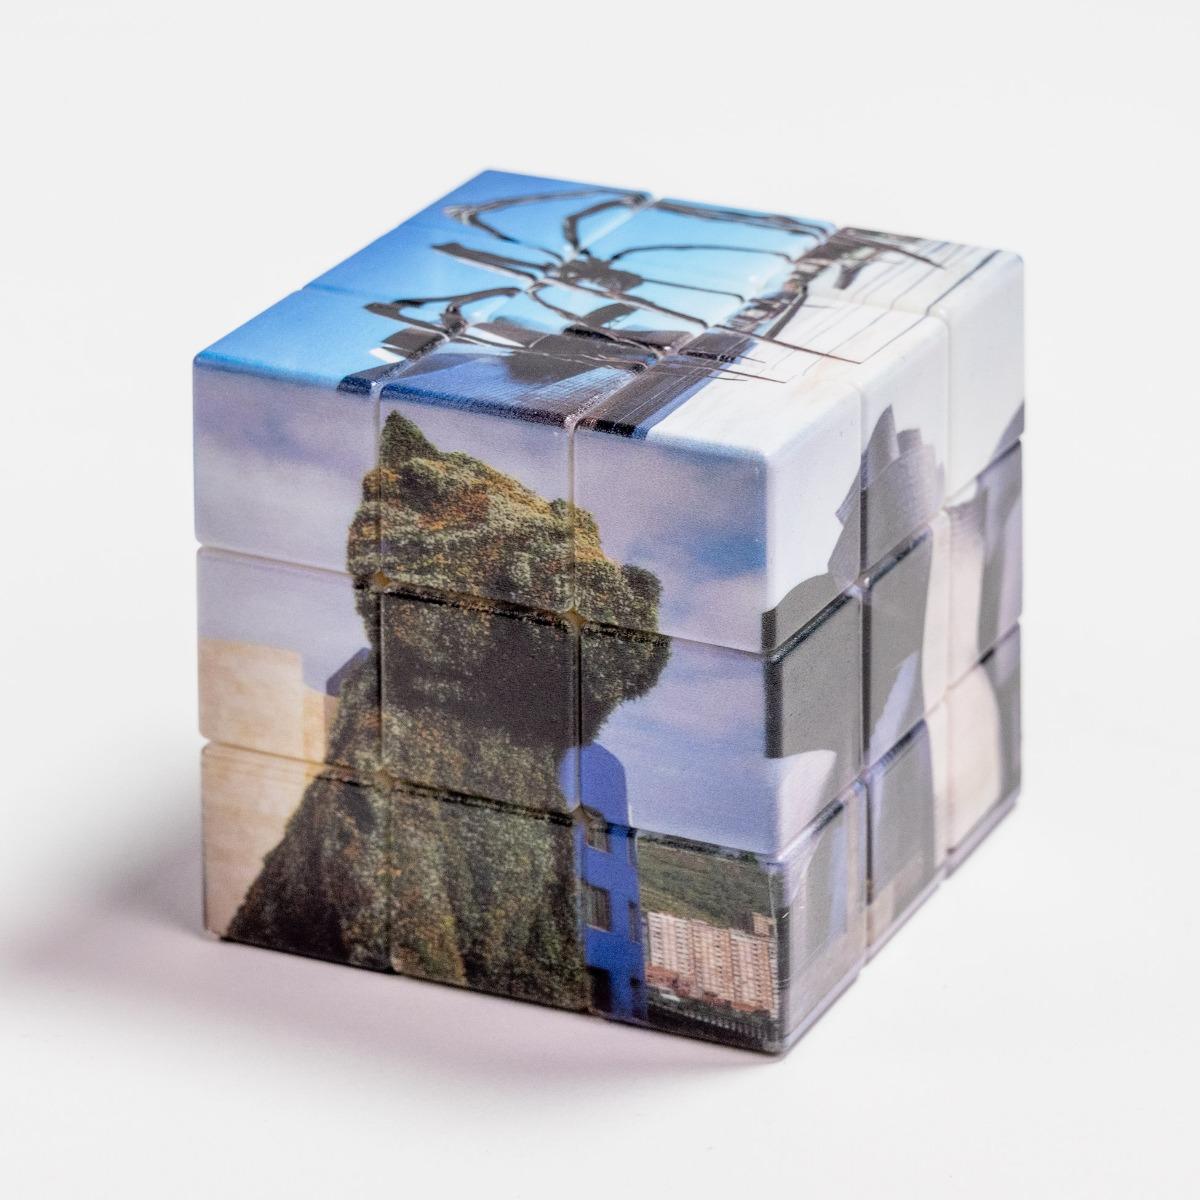 Guggenheim Bilbao Image Cube